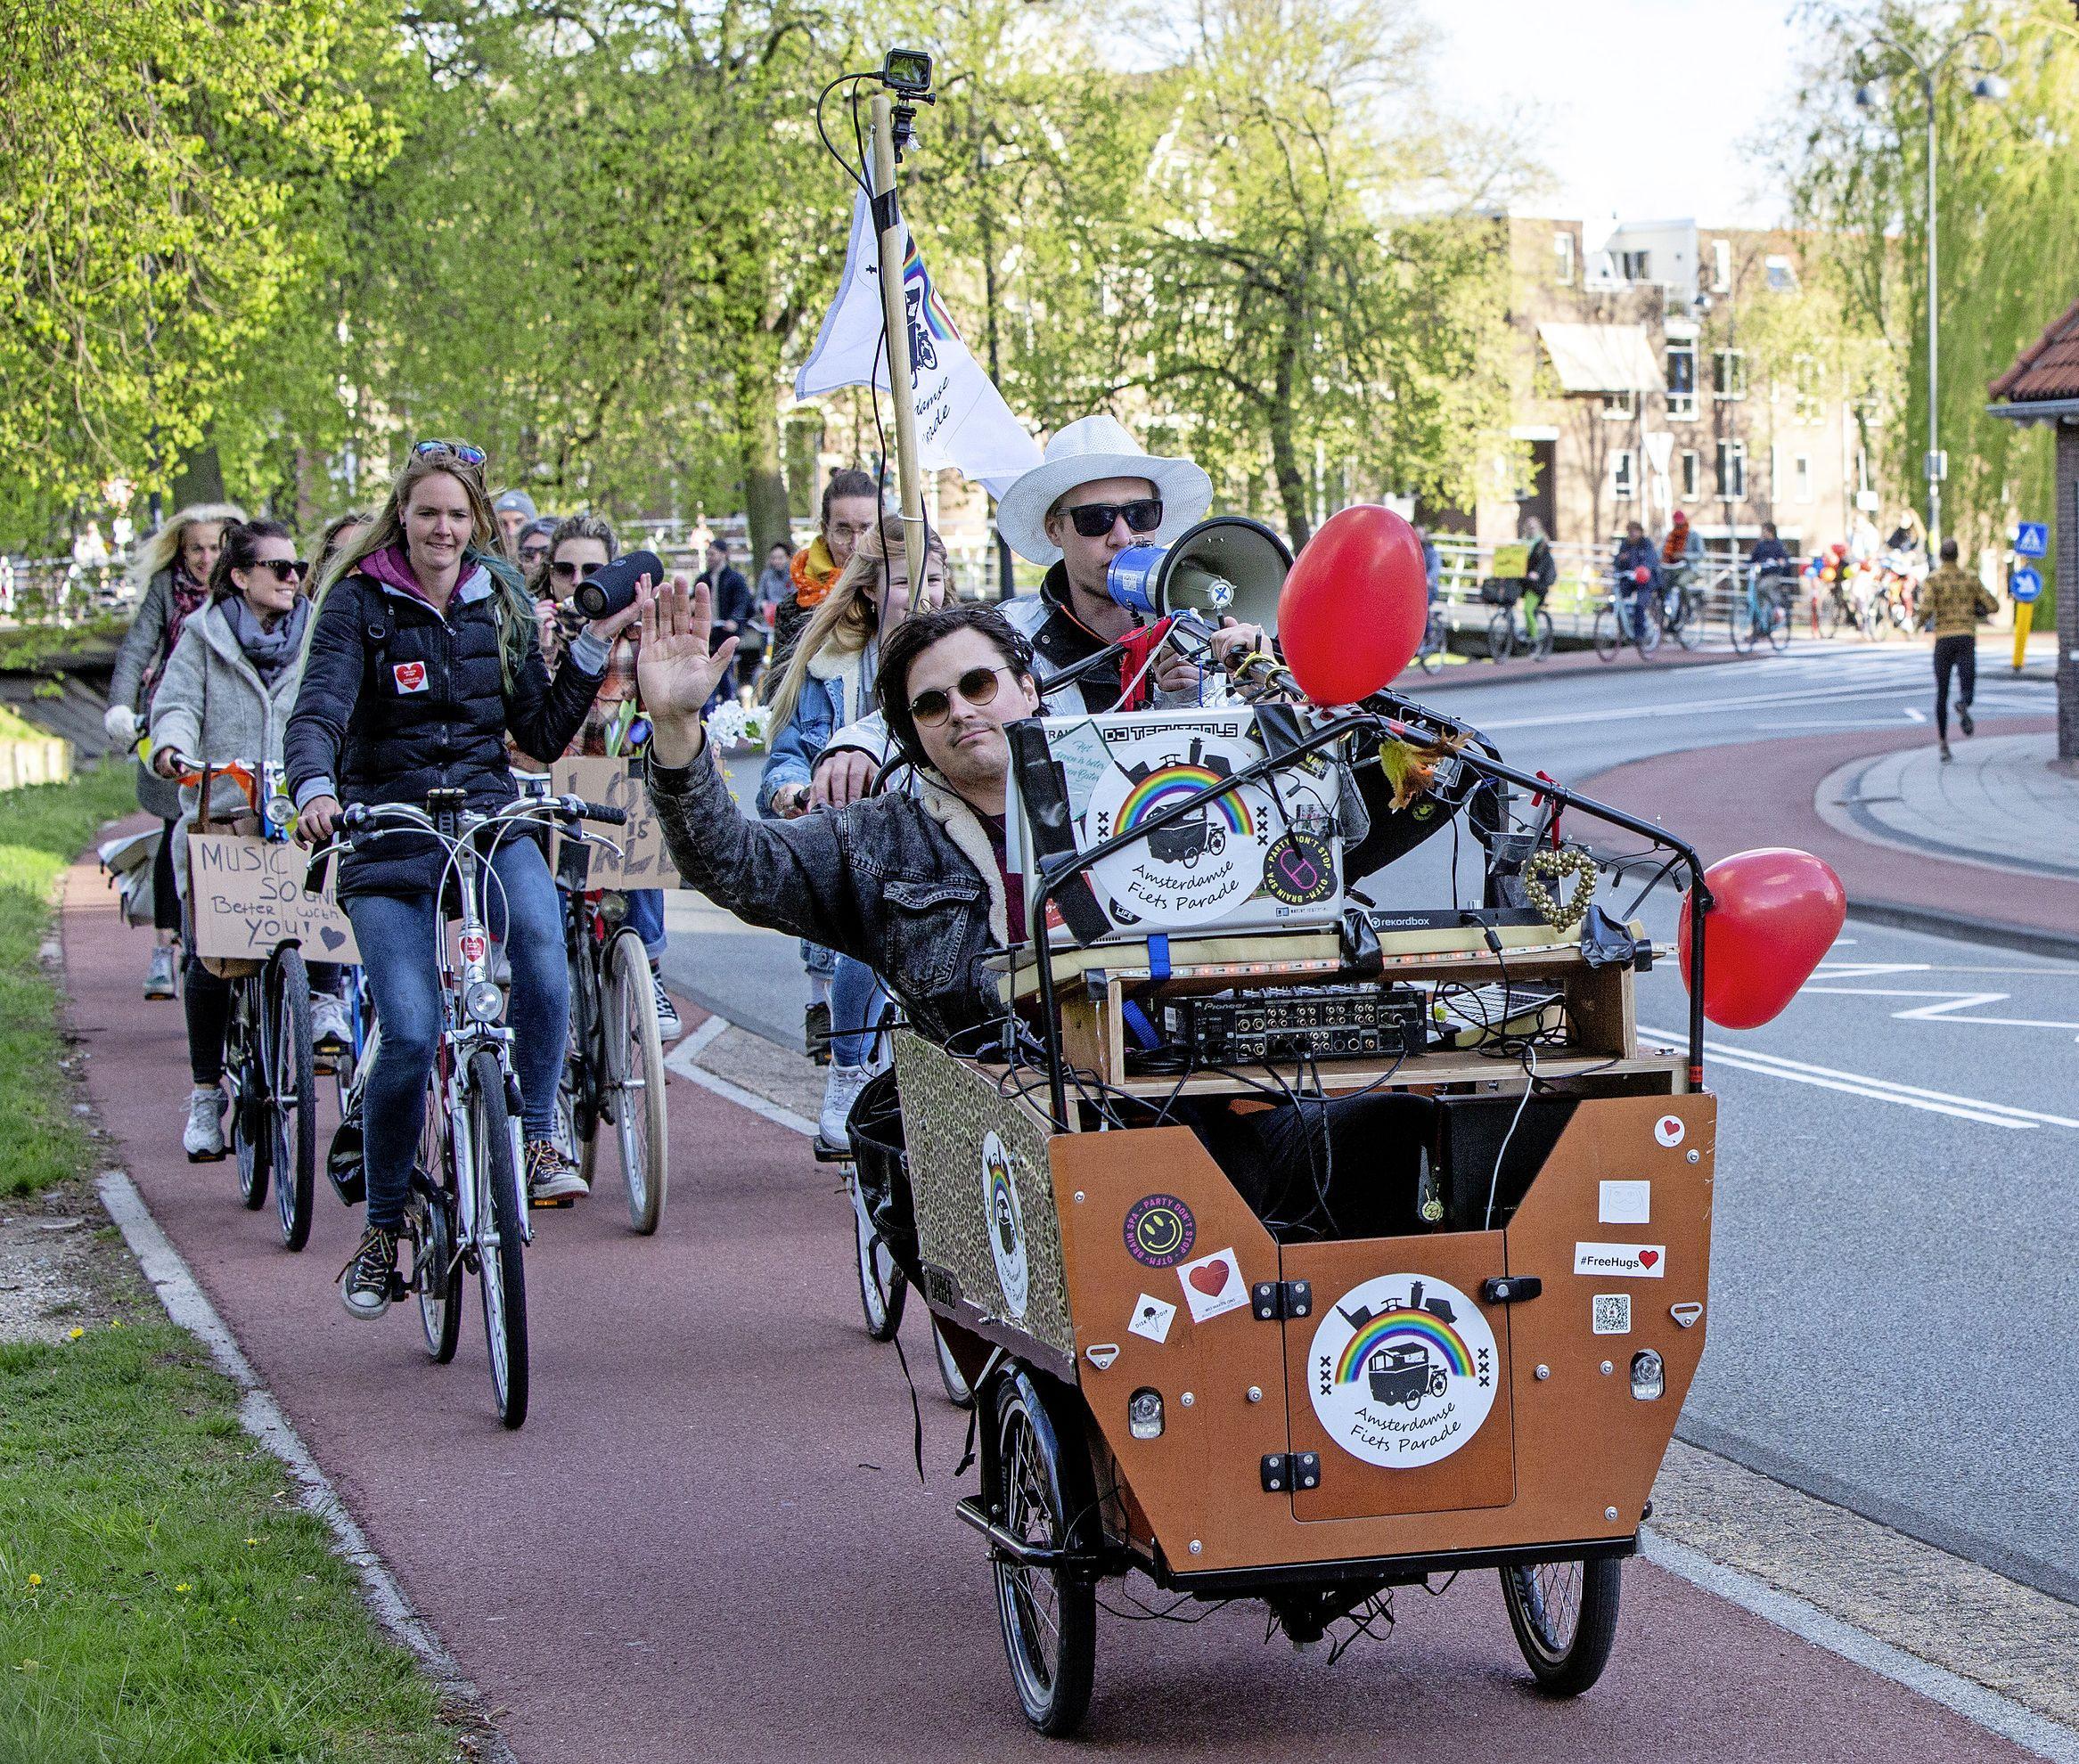 Fietsrave trekt door Haarlem om aandacht te vragen voor de mentale gezondheid van jongeren in coronatijd. In stilte, want muziek is verboden: 'Wat mag er eigenlijk nog wel?'